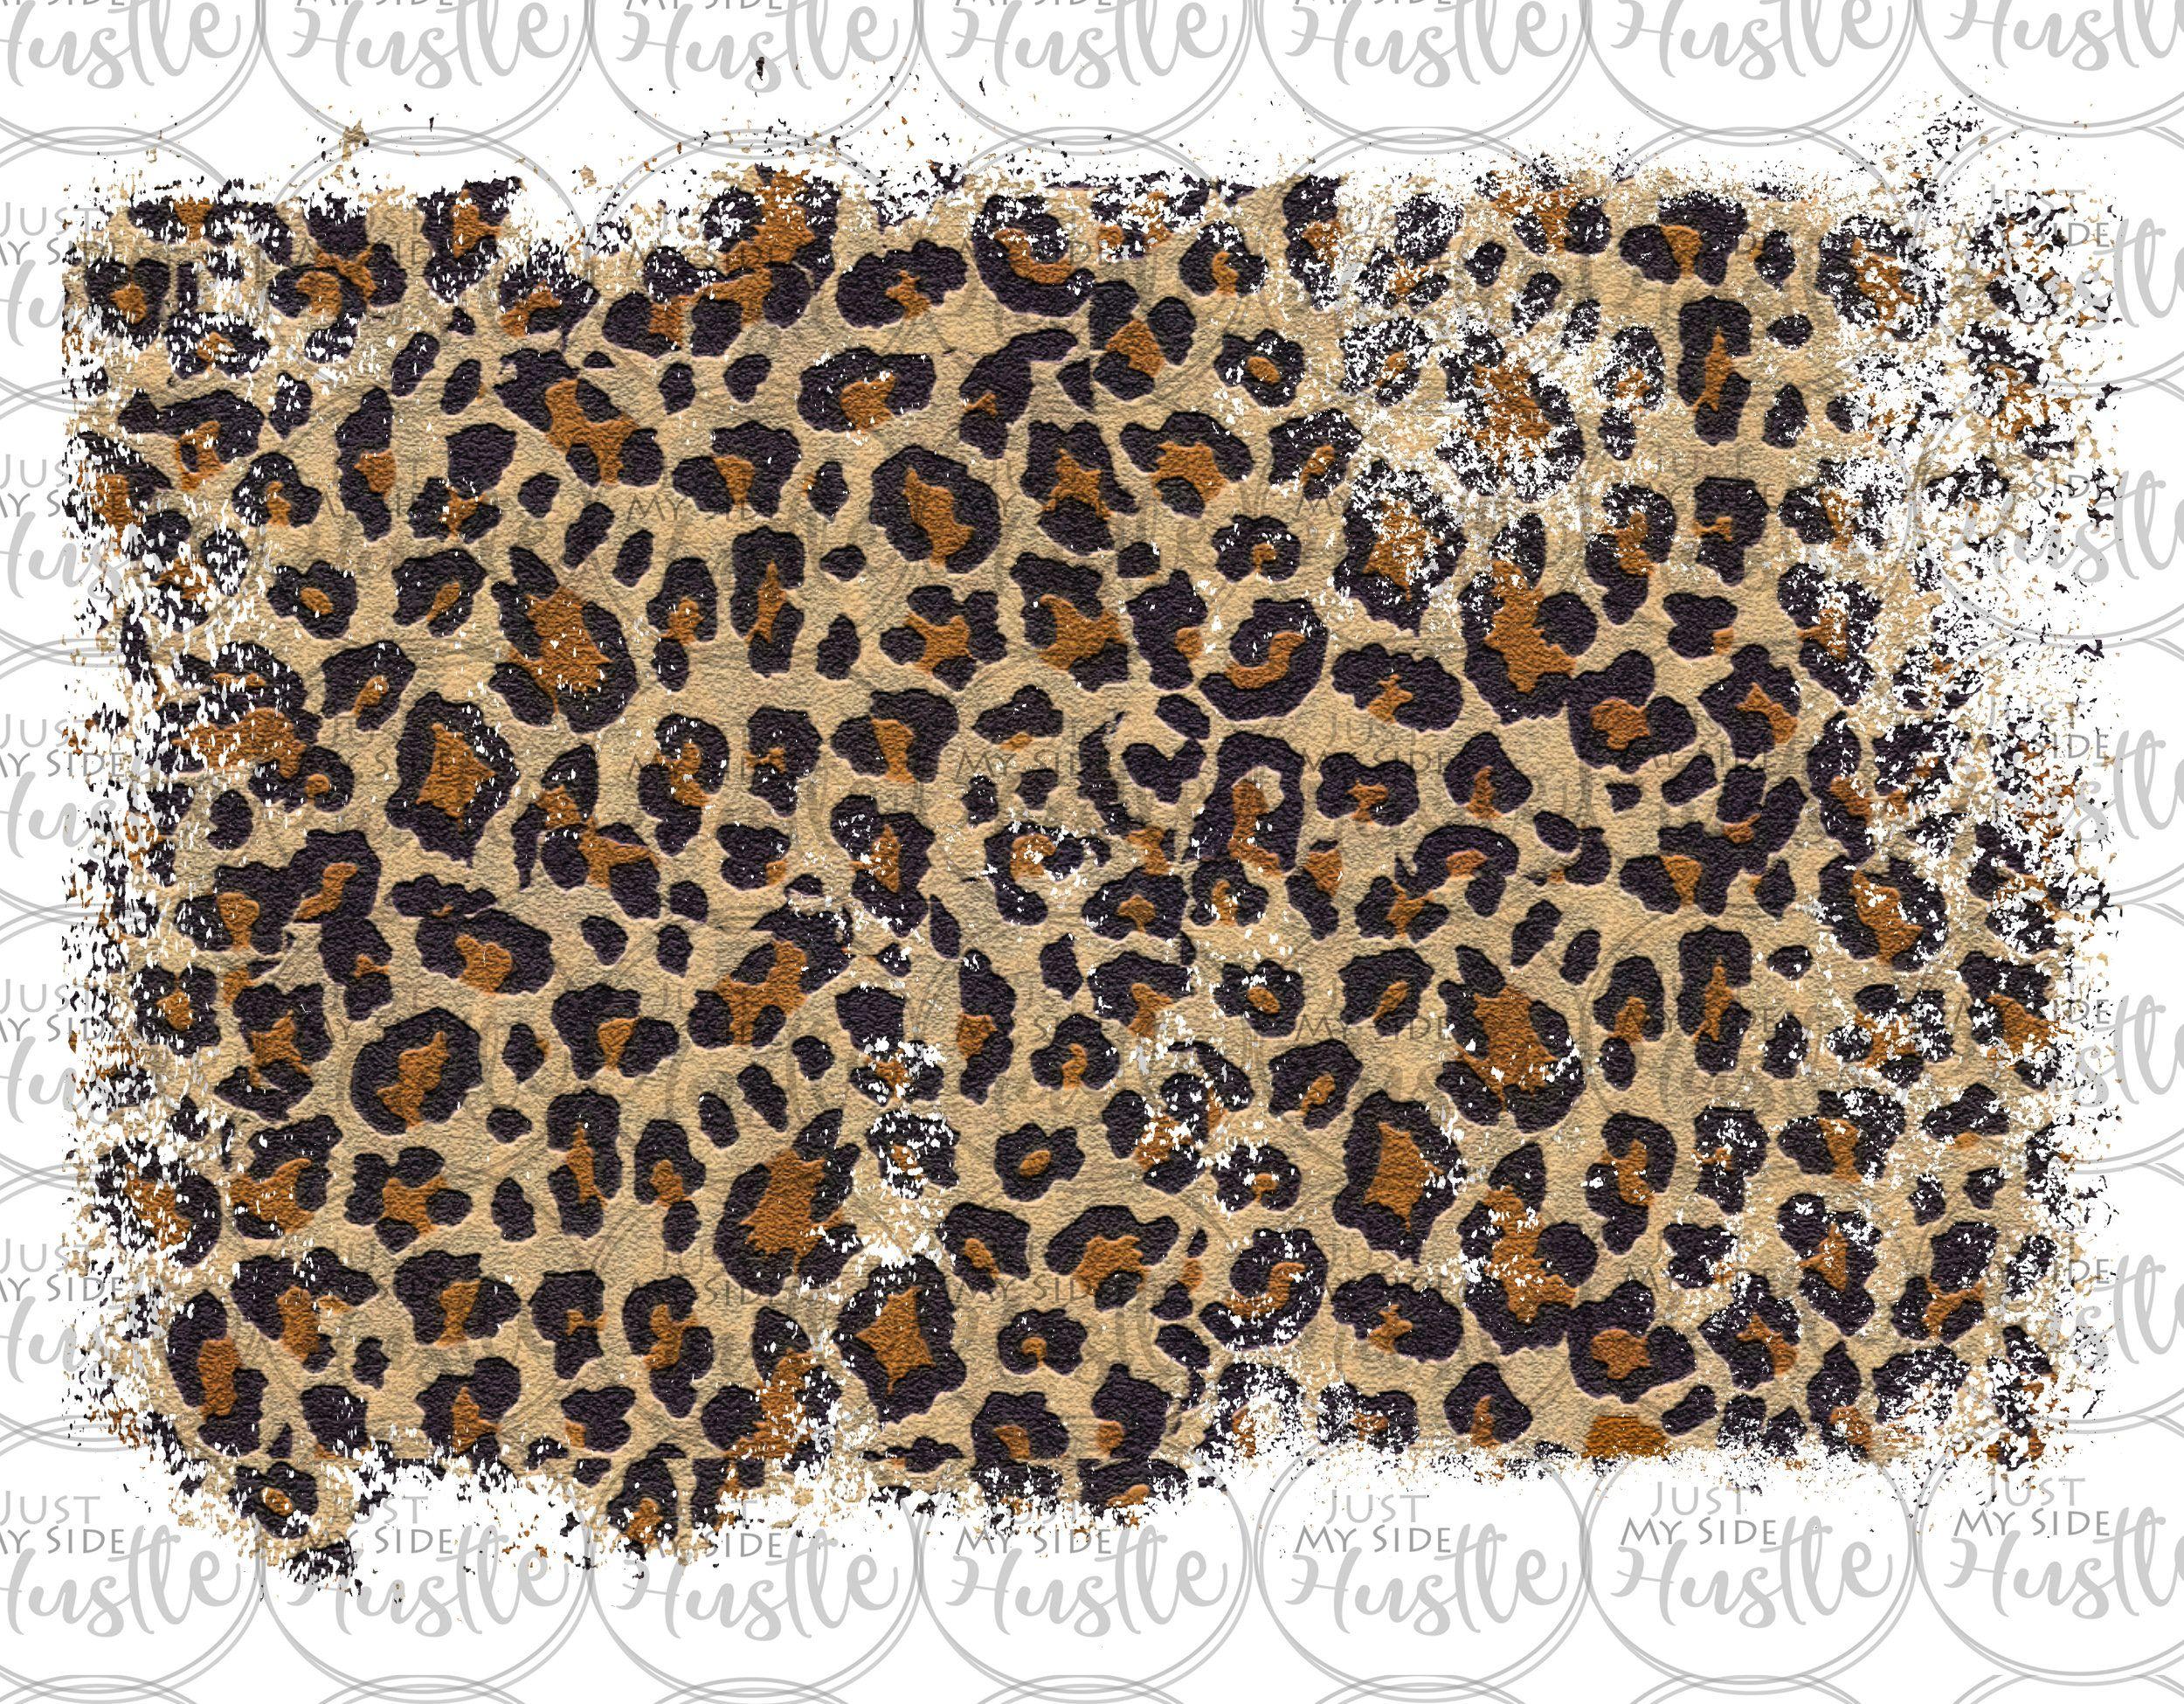 Distressed Leopard Sublimation Design Background Backsplash Png Graphic Clipart Digital Download In 2021 Sublime Digital Paper Clip Art